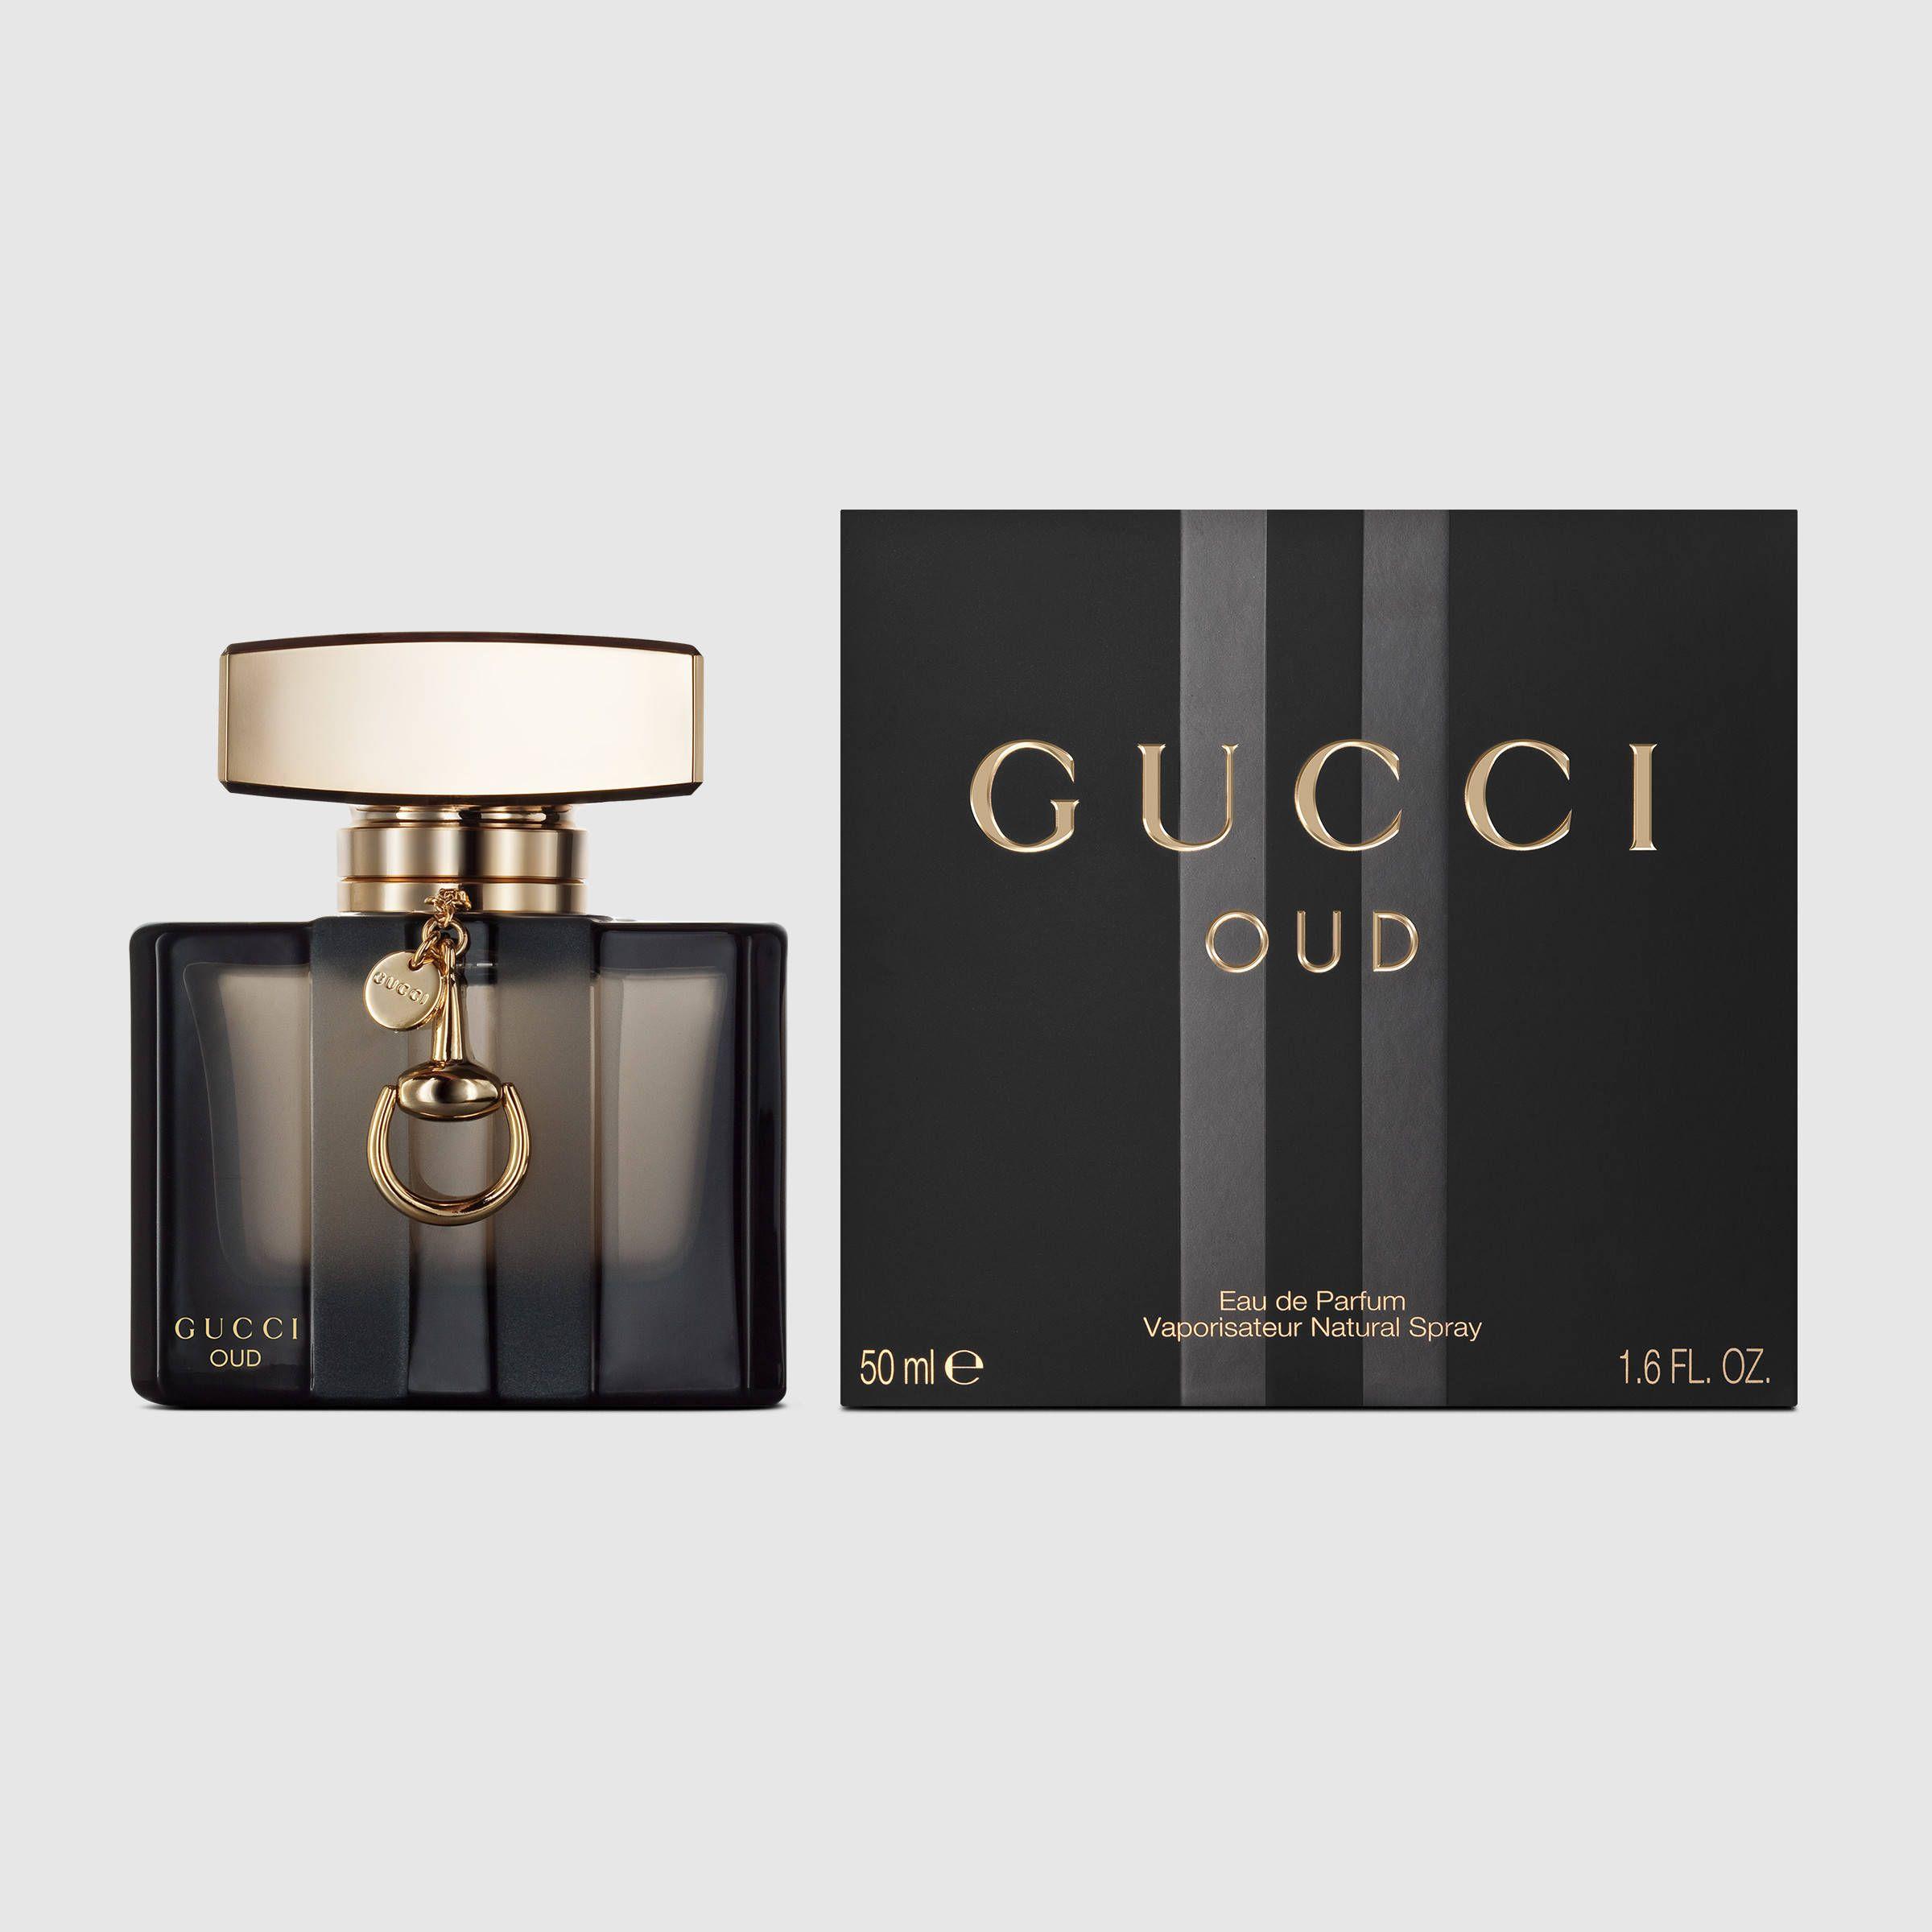 b66822348 Gucci Gucci OUD 50ml eau de parfum Detail 2   A Fashion Fragrance ...